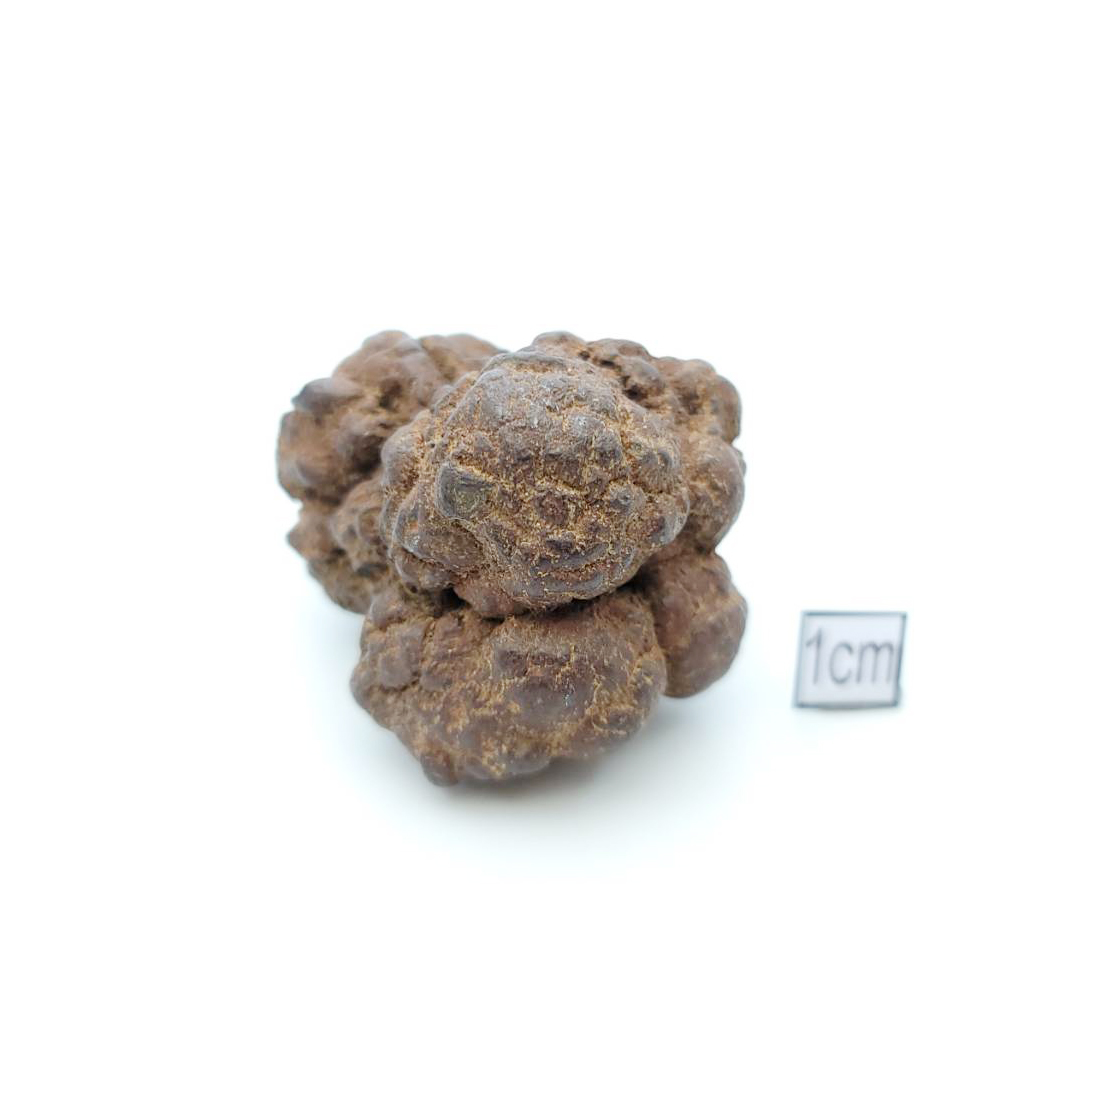 恐龍糞便(Coprolite)